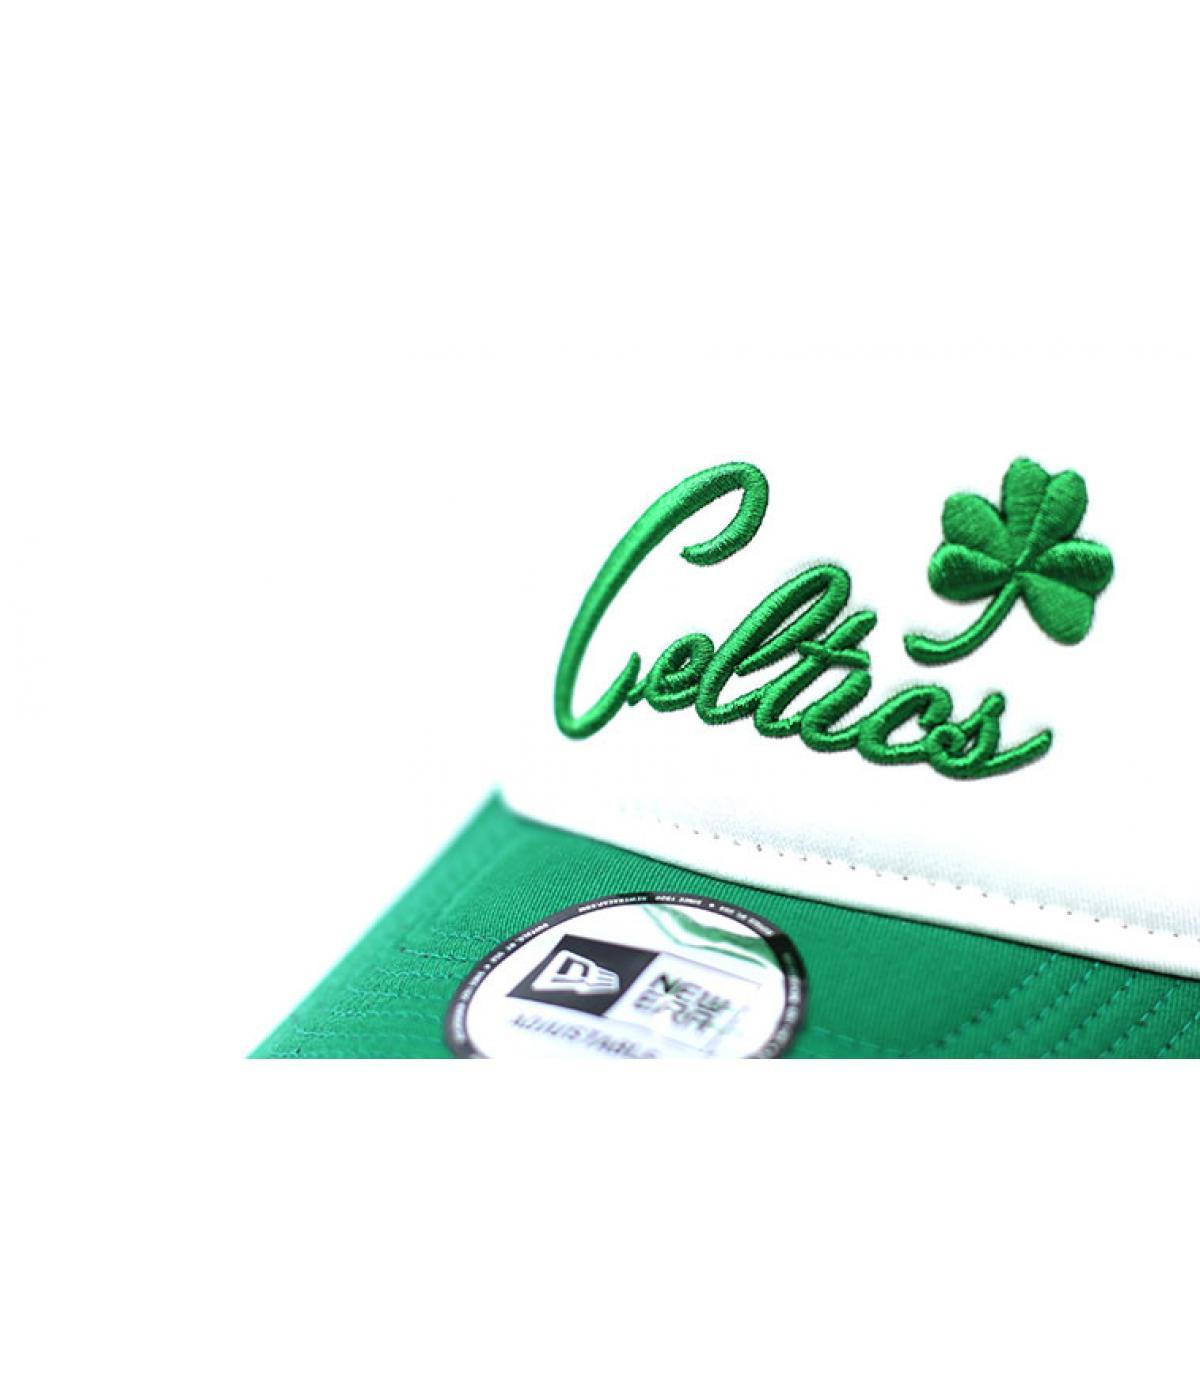 Details Trucker Celtics Color block - Abbildung 3